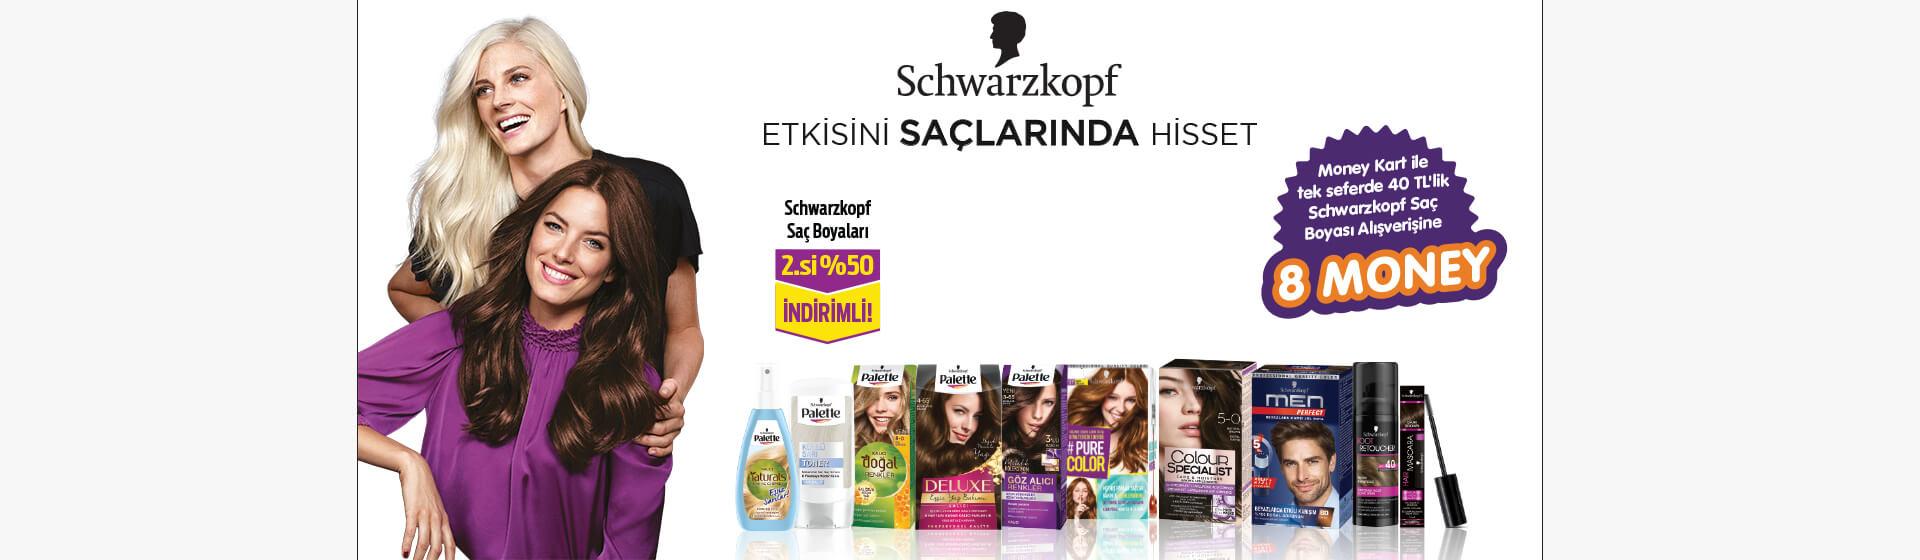 Schwarzkopf Money Kampanyası